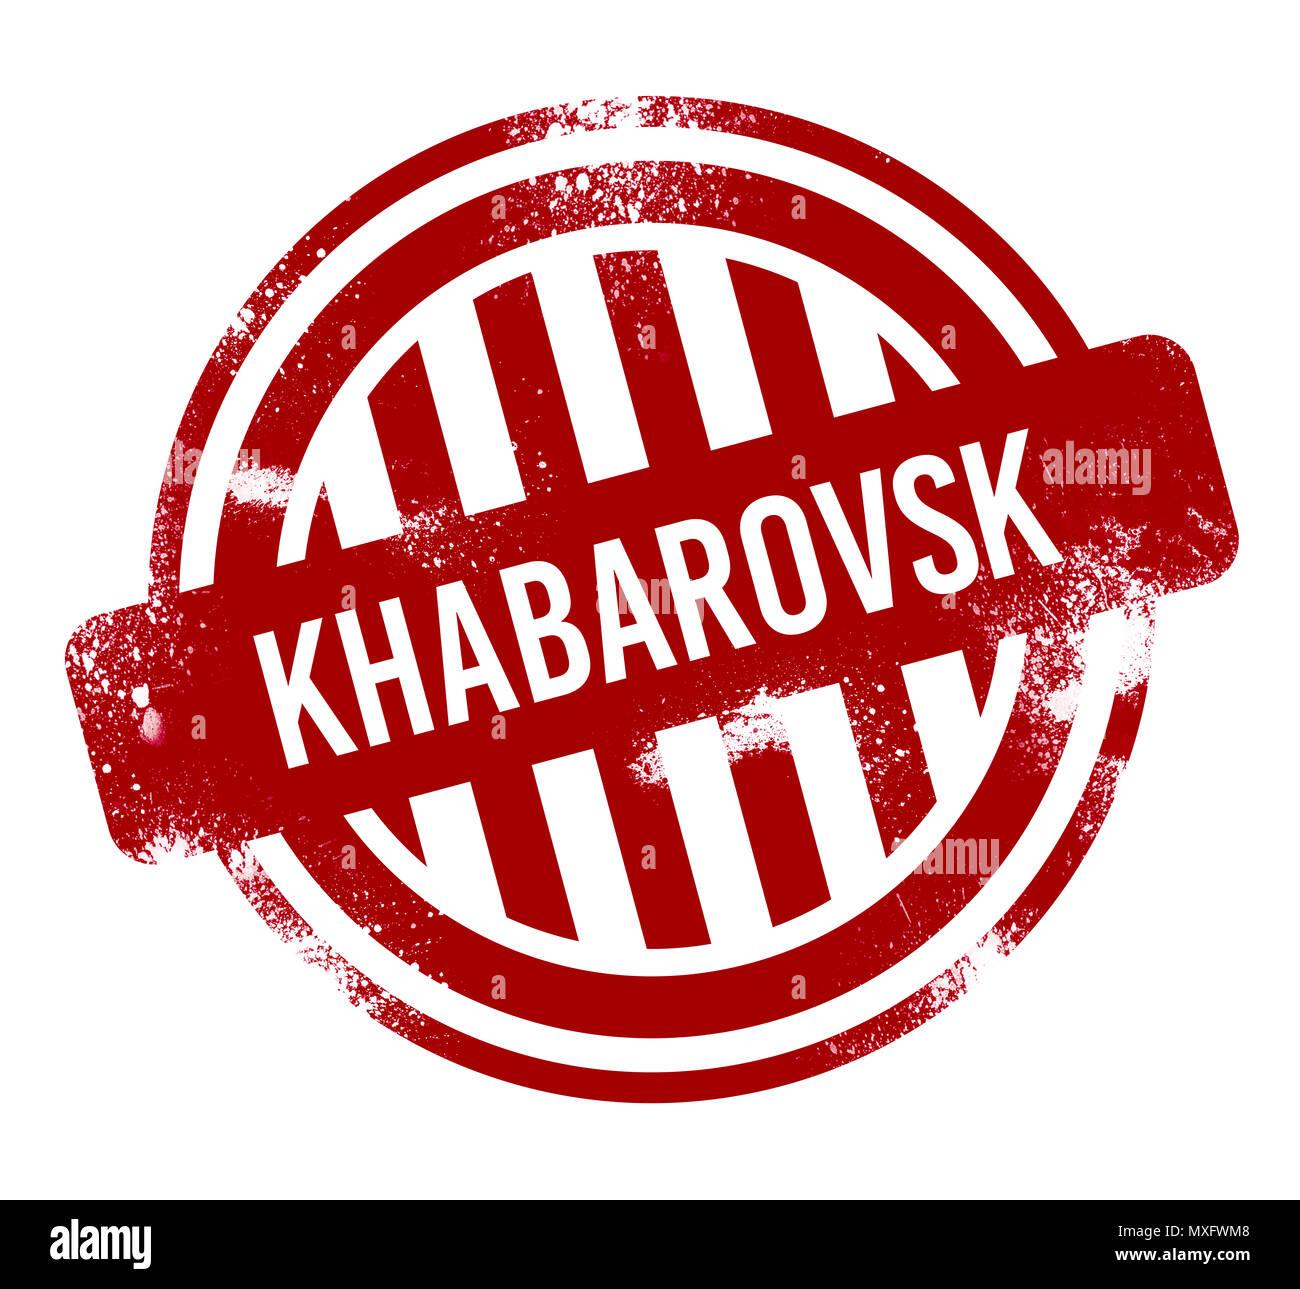 Khabarovsk Vtoroy - Red grunge button, stamp - Stock Image